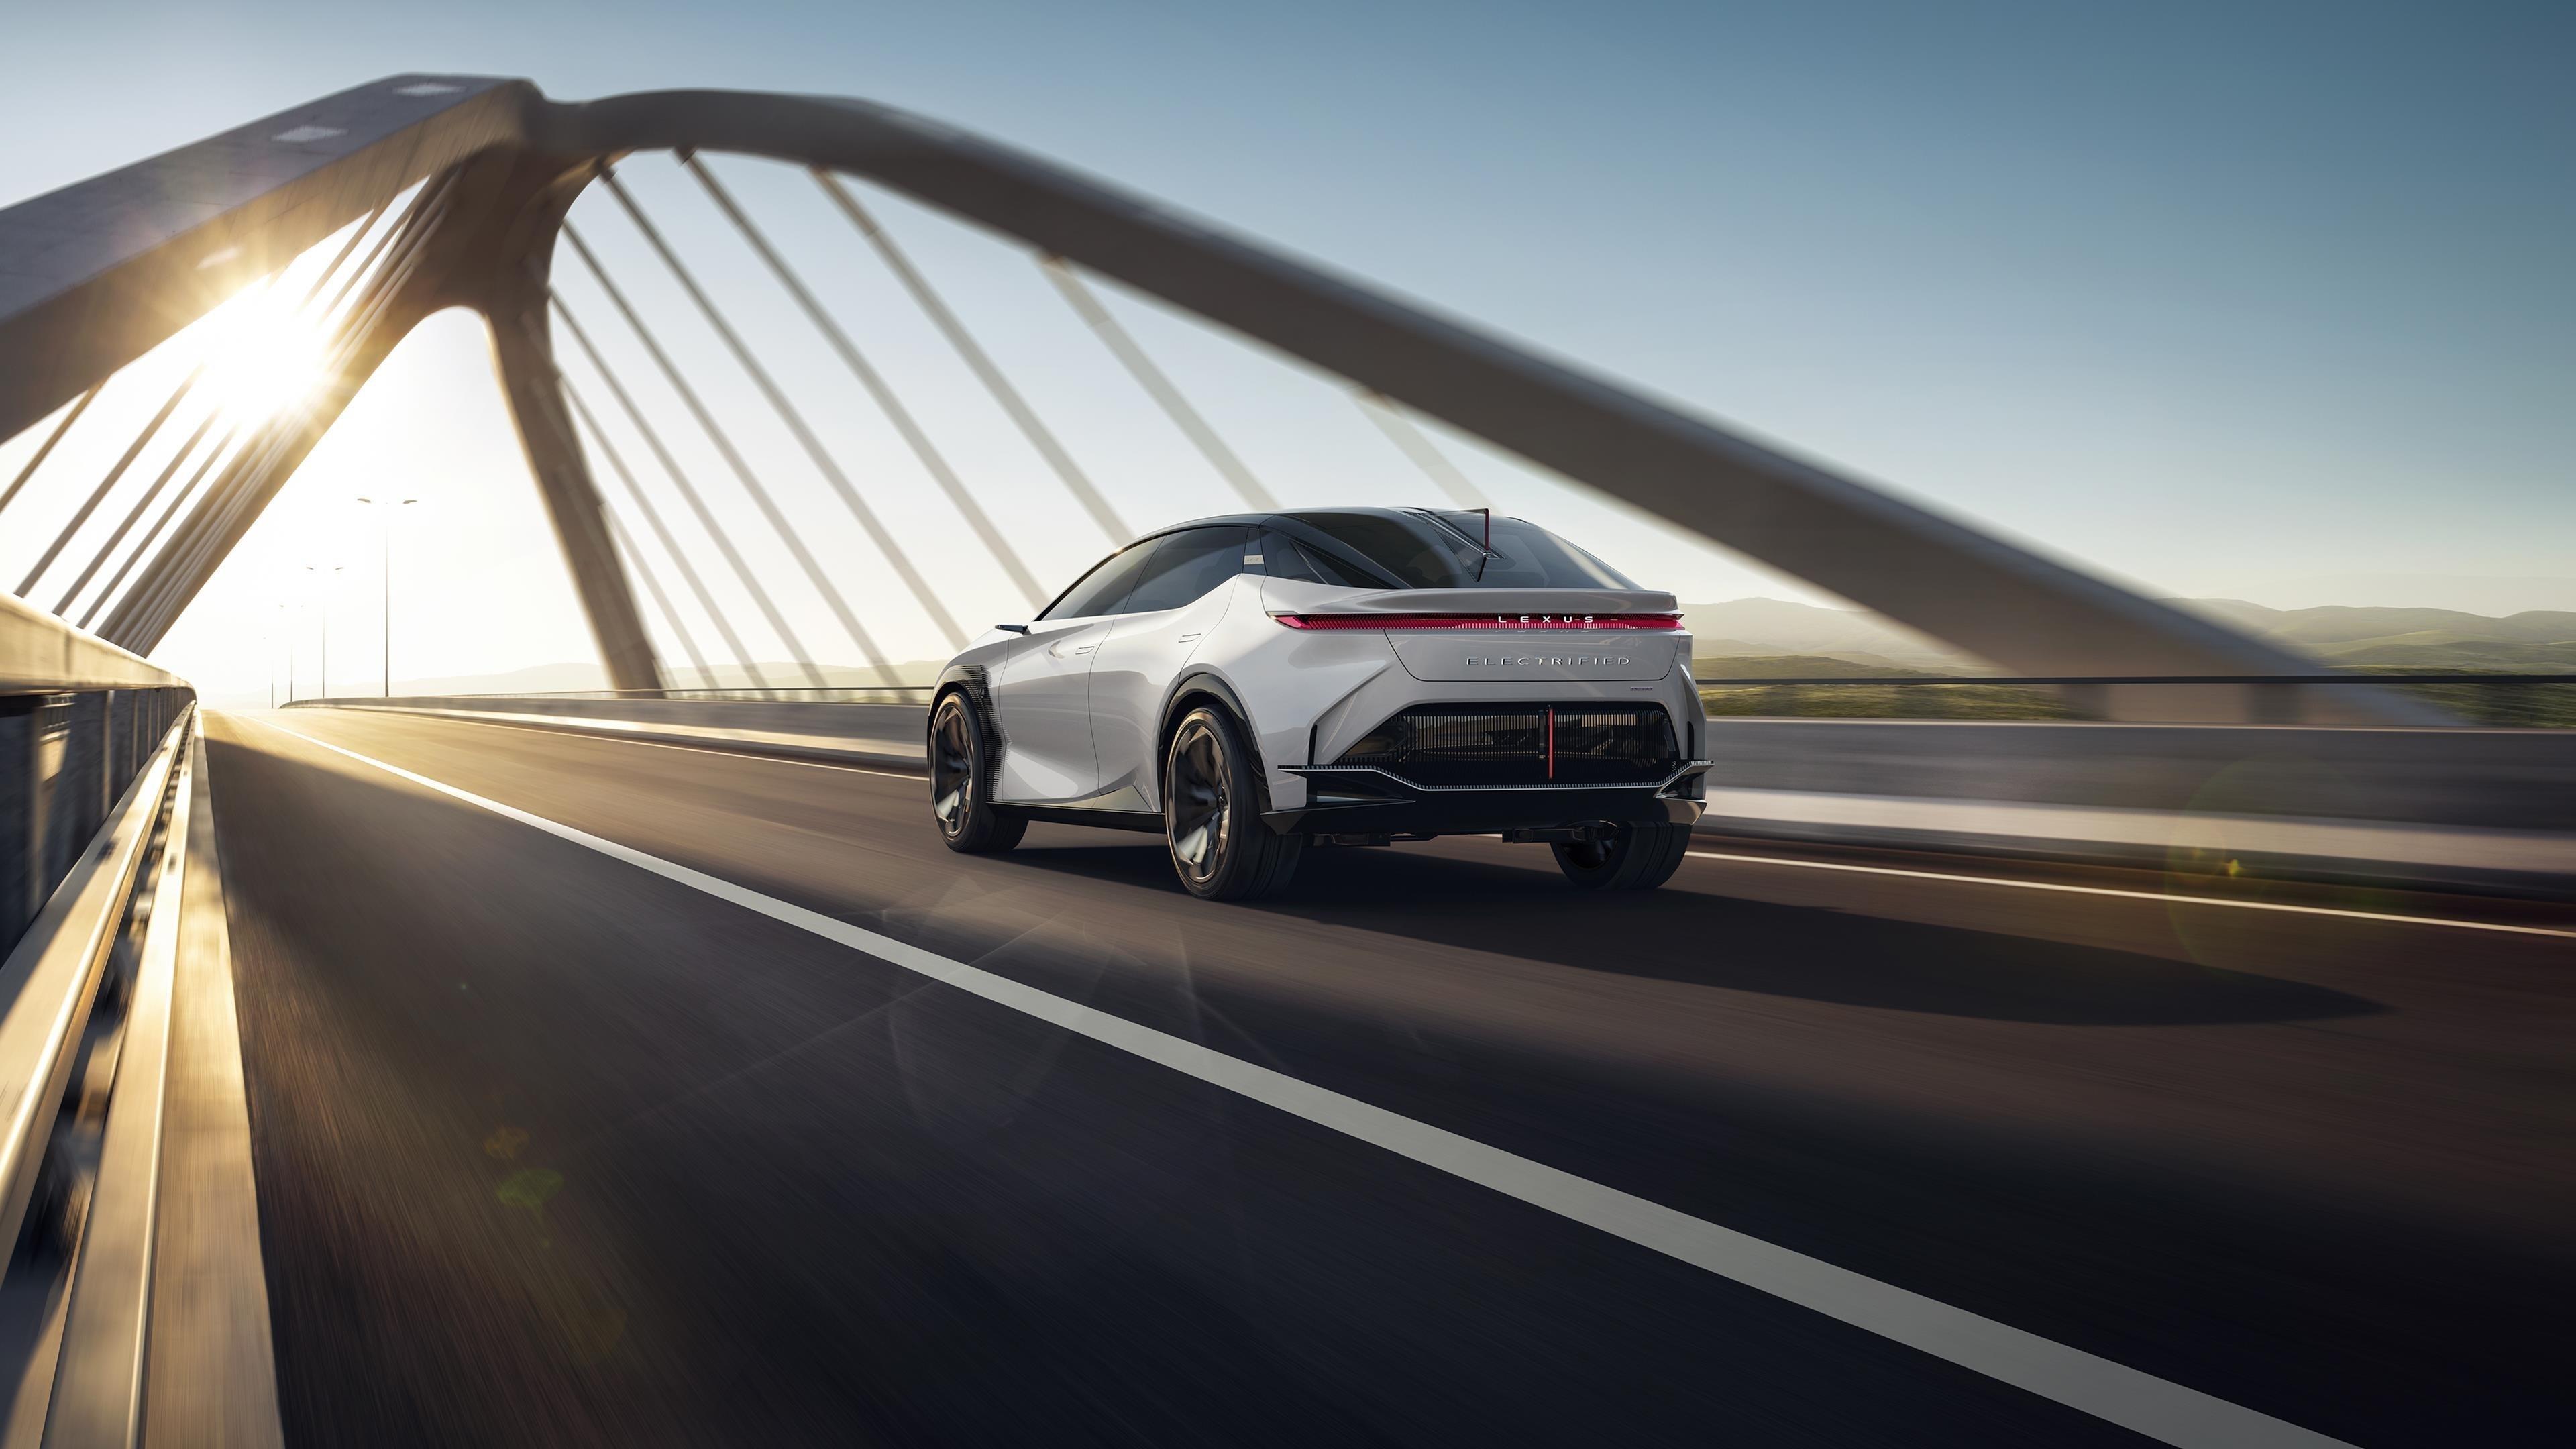 Lexus lf z электрифицирован 2021 2 автомобиля обои скачать